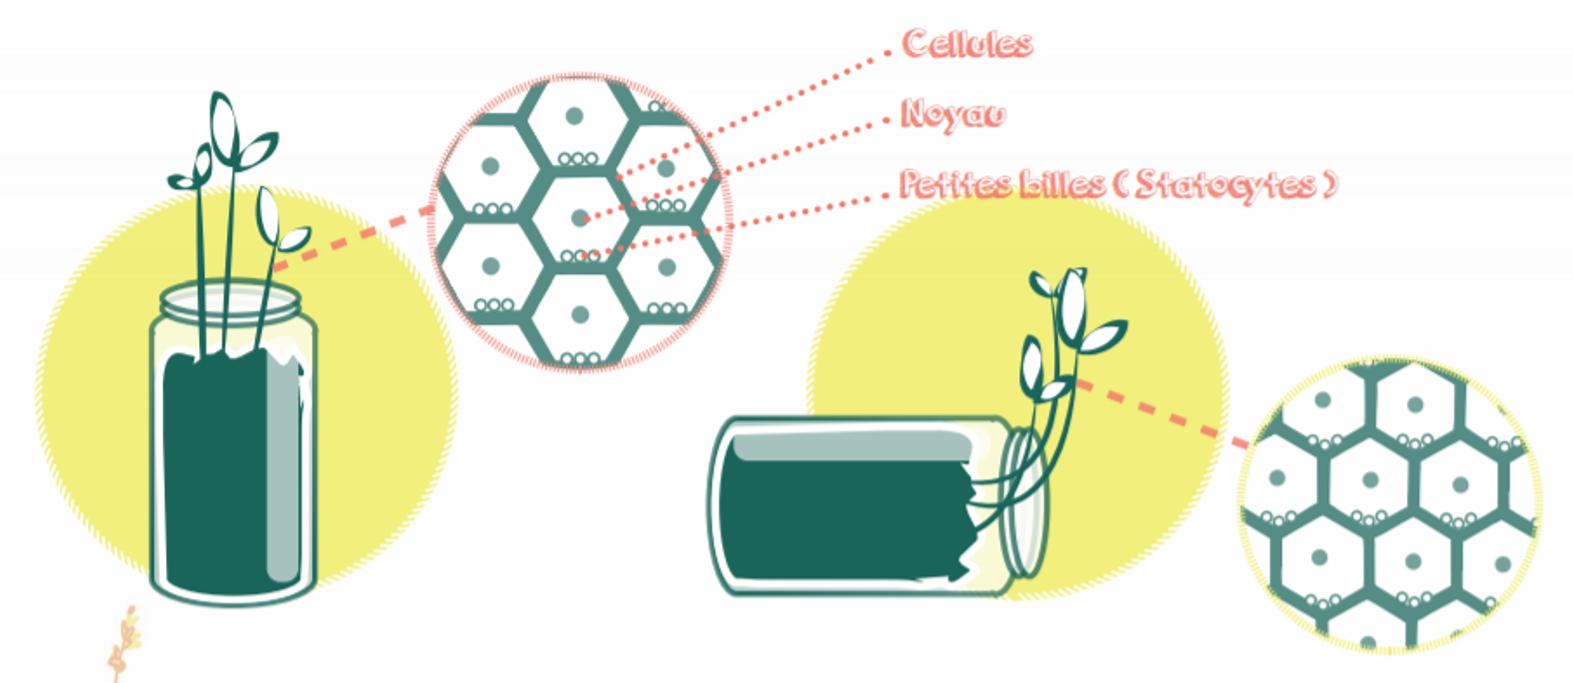 Le mécanisme du gravitropisme chez les plantes © Nina Luec www.loeil-de-nina.fr